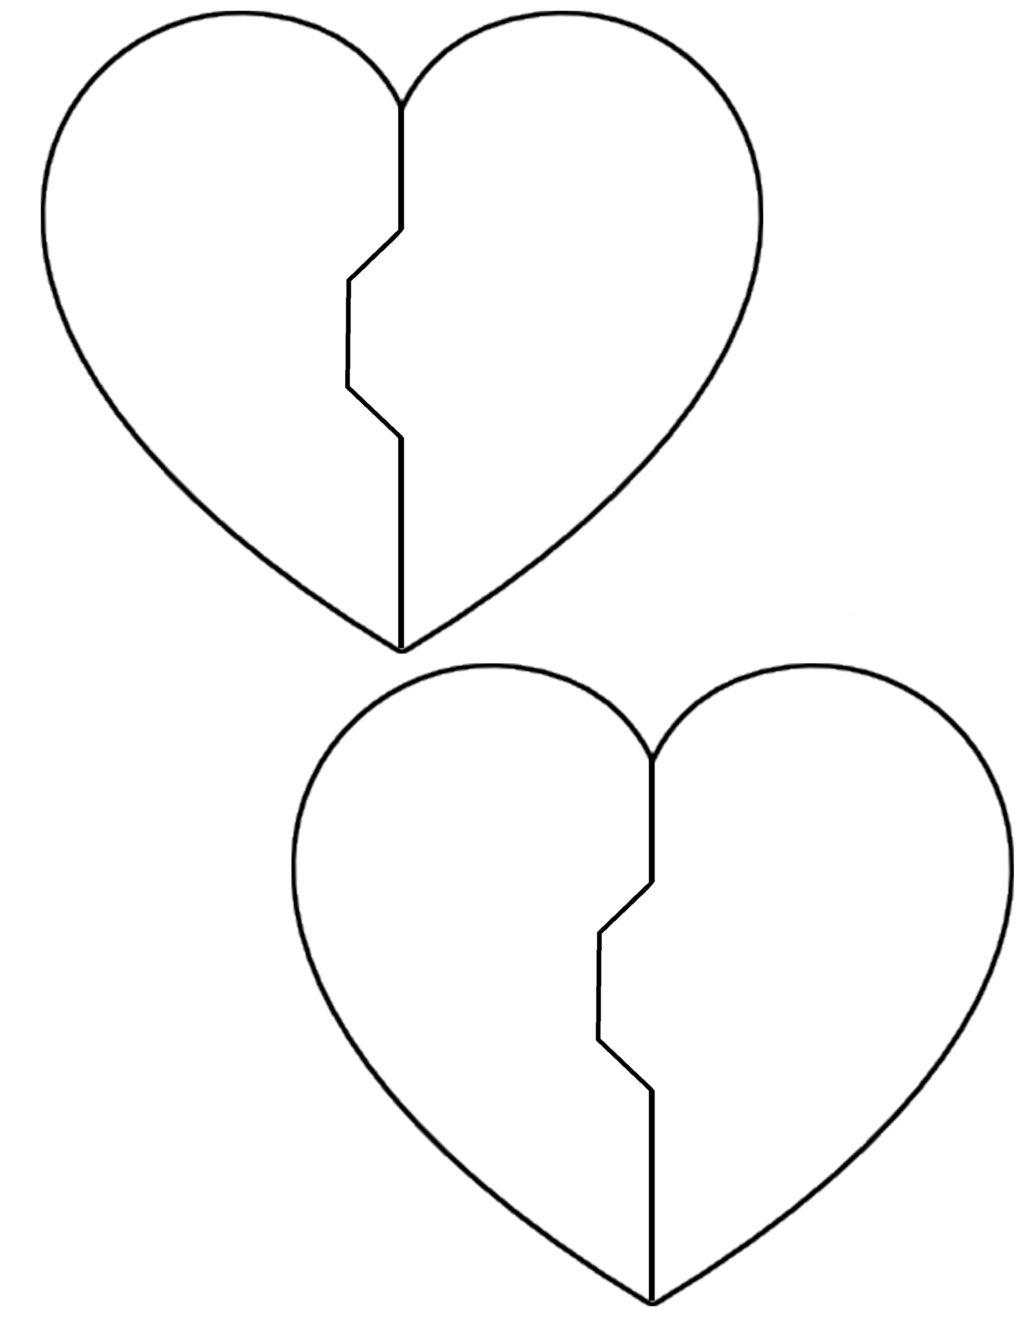 Tổng hợp các bức tranh tô màu hình trái tim cho bé